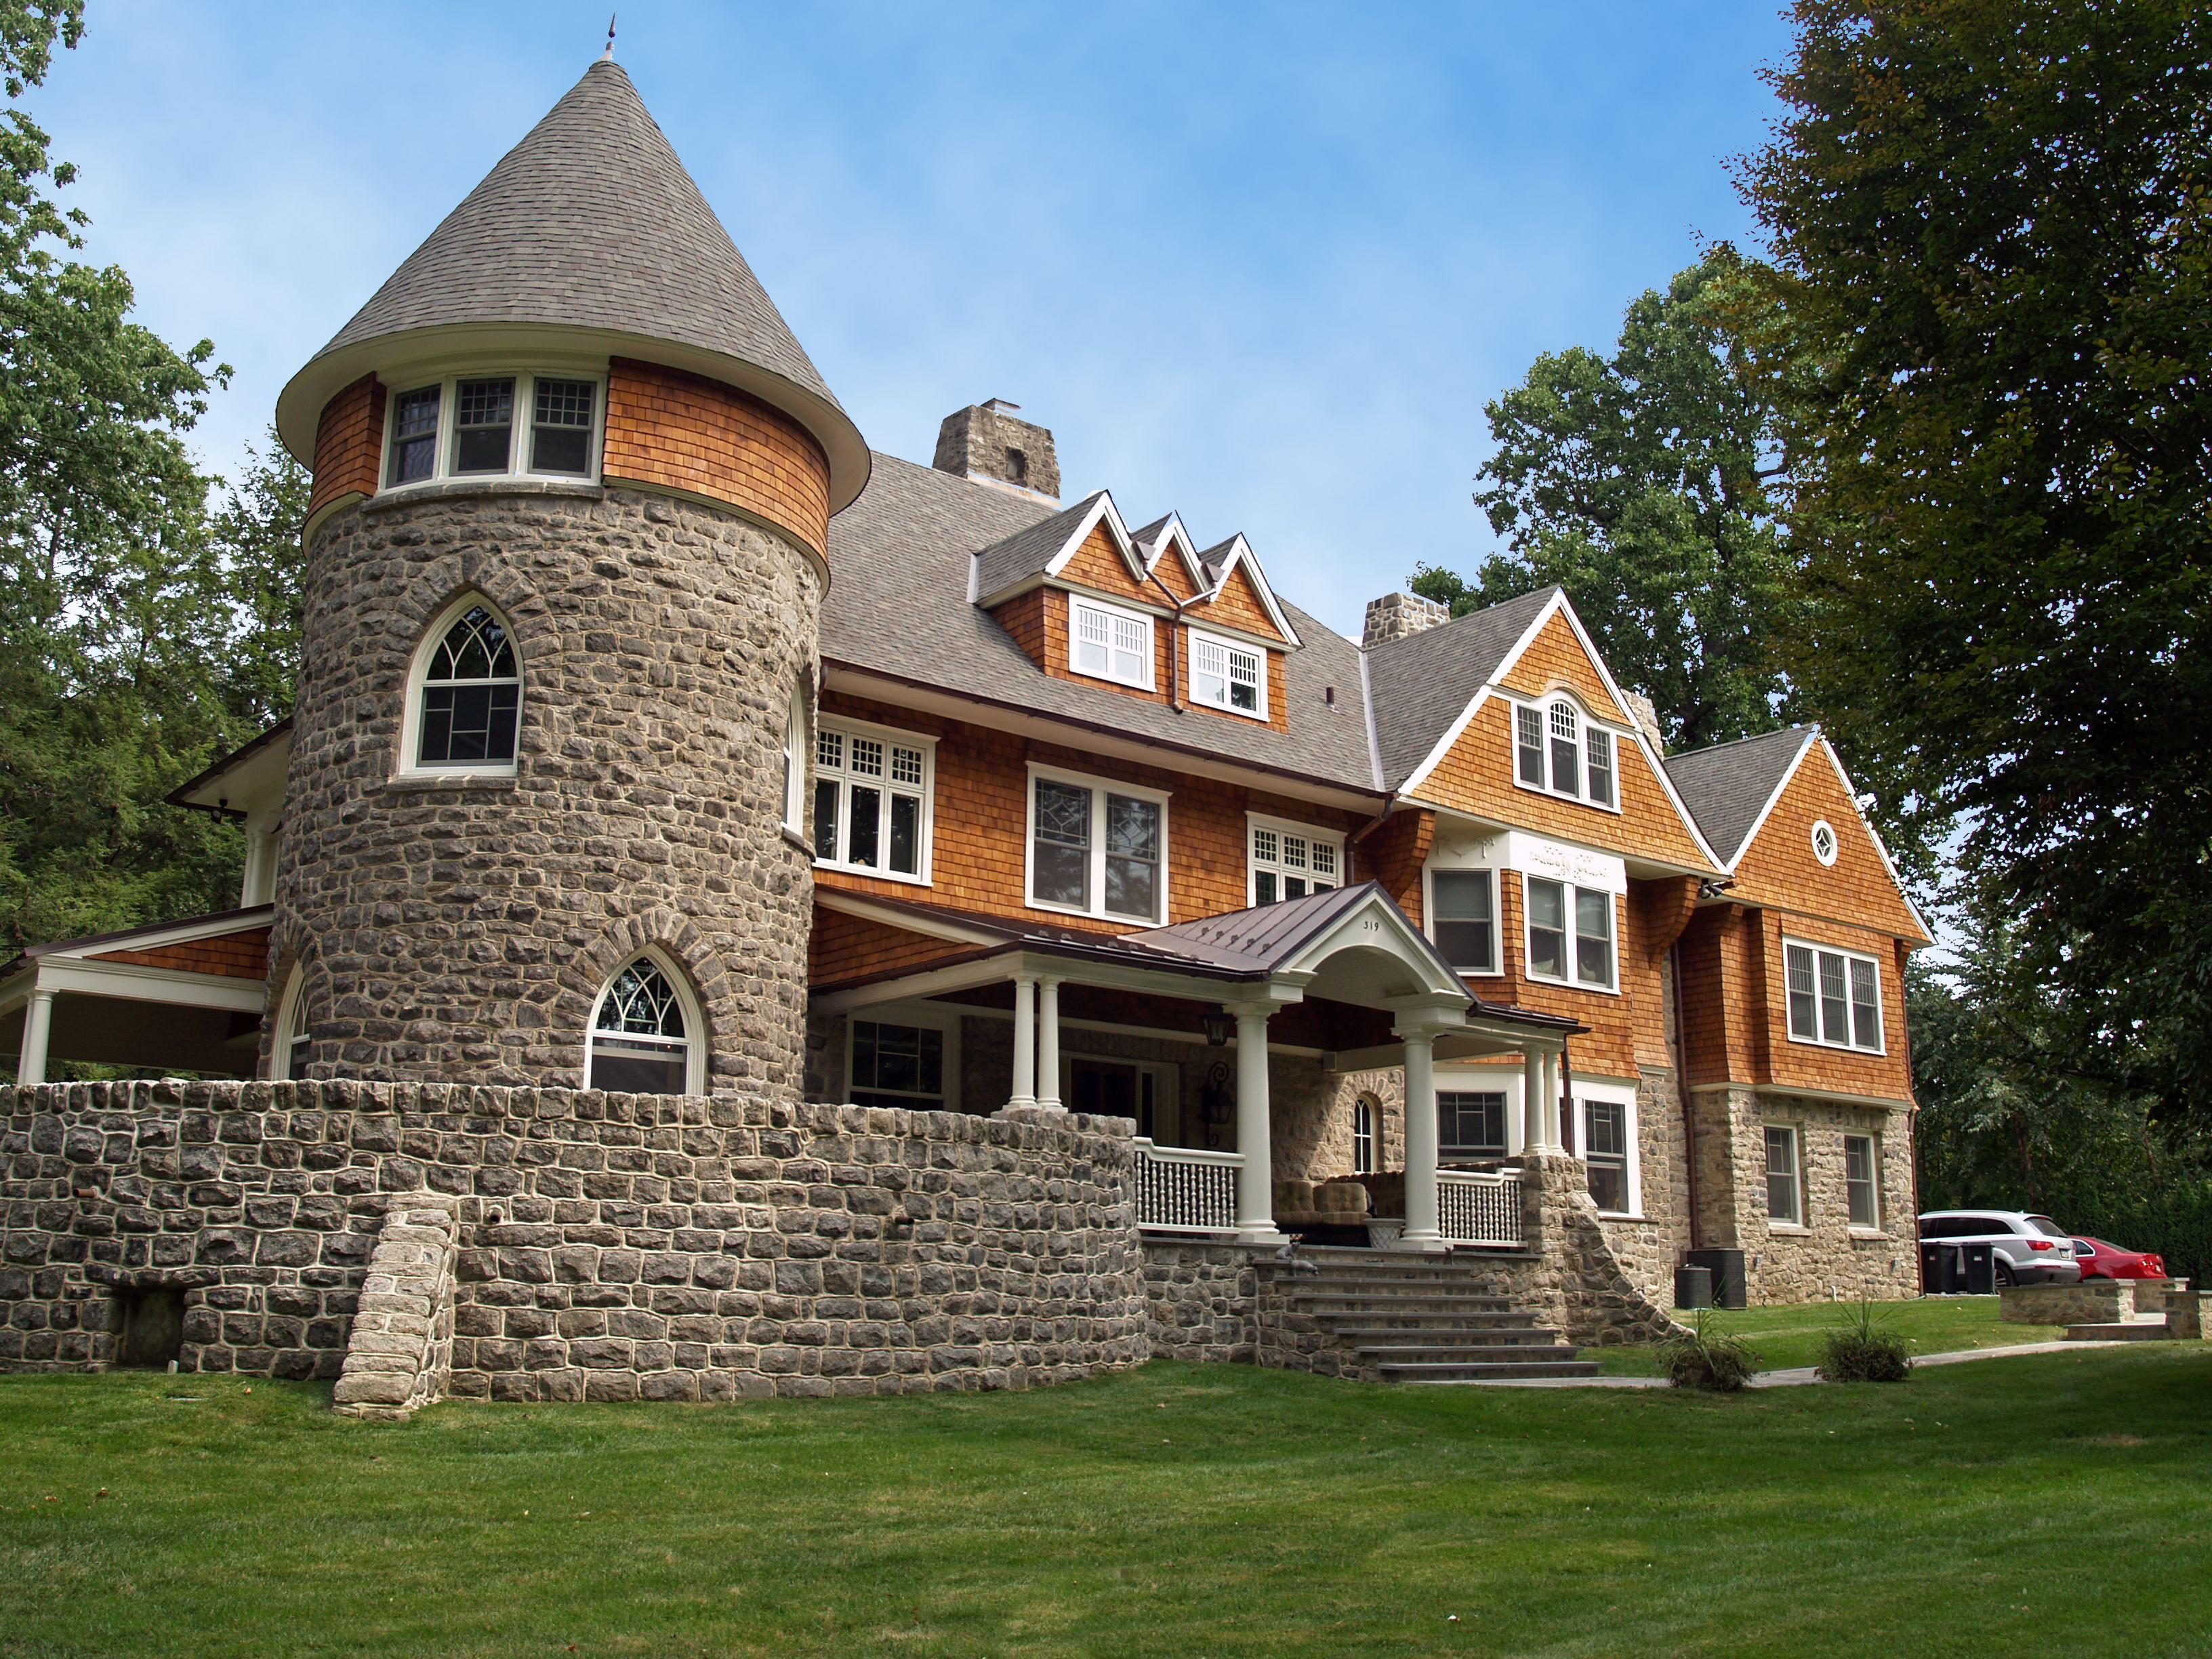 дом замкового типа фото является одним древнейших